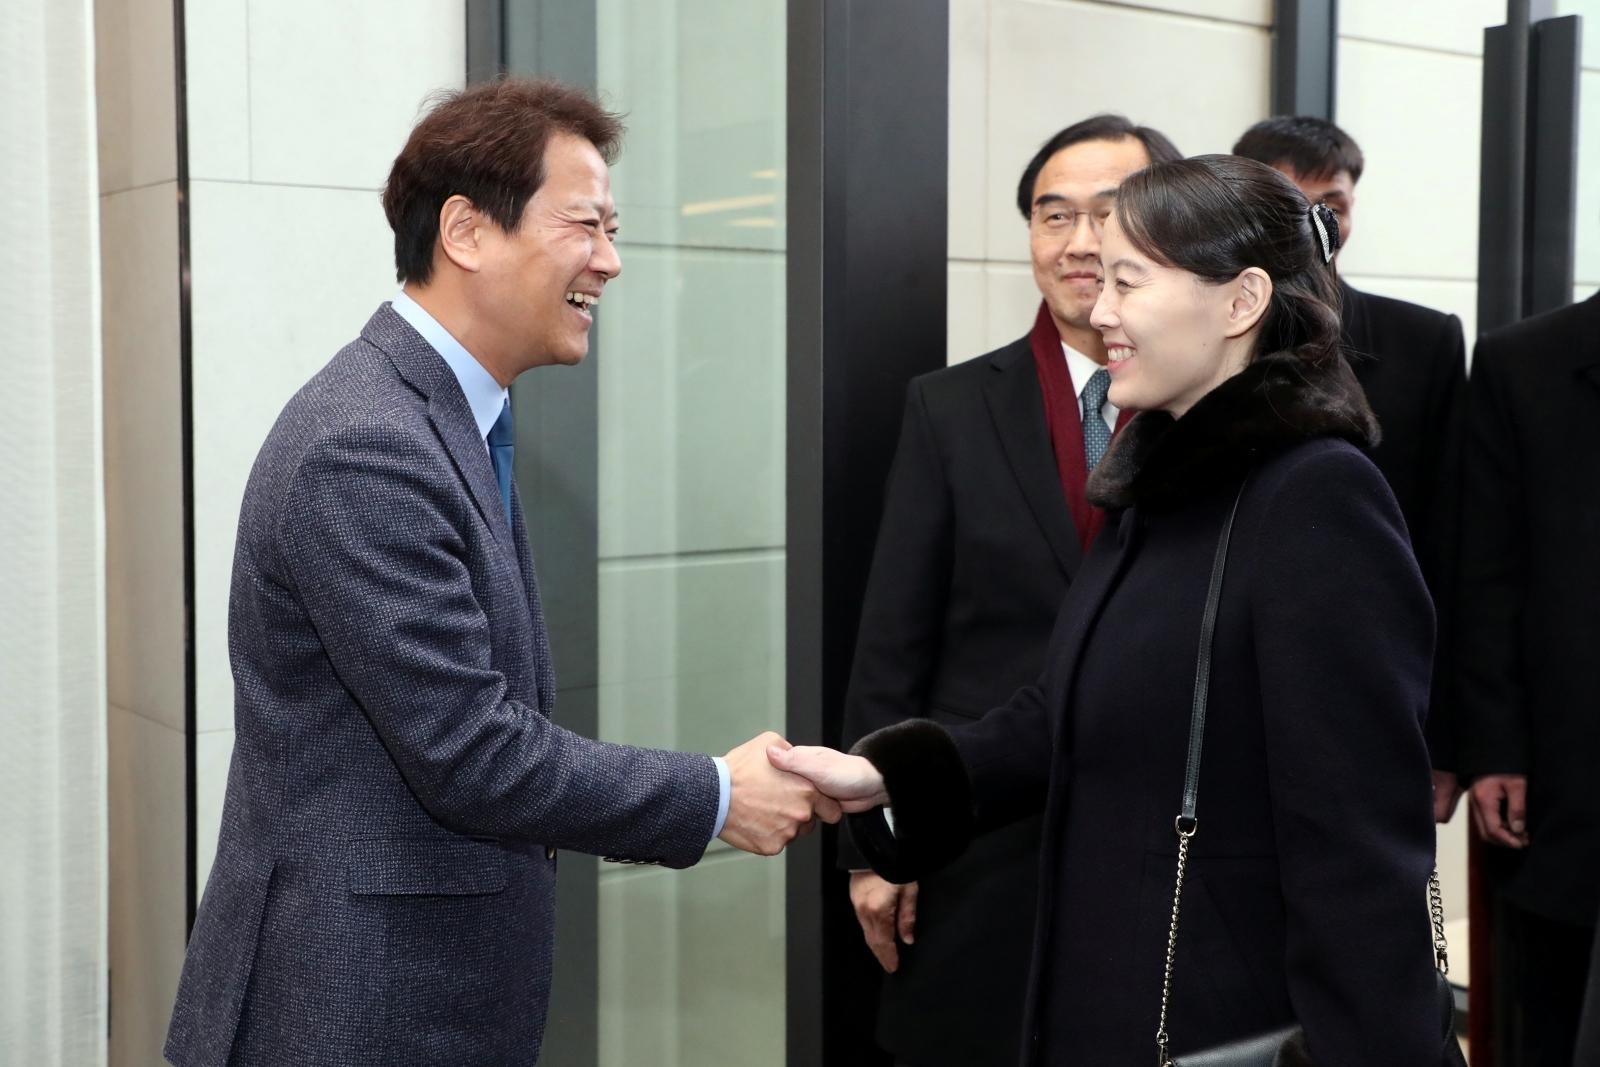 Kim Jong-un sister pregnant